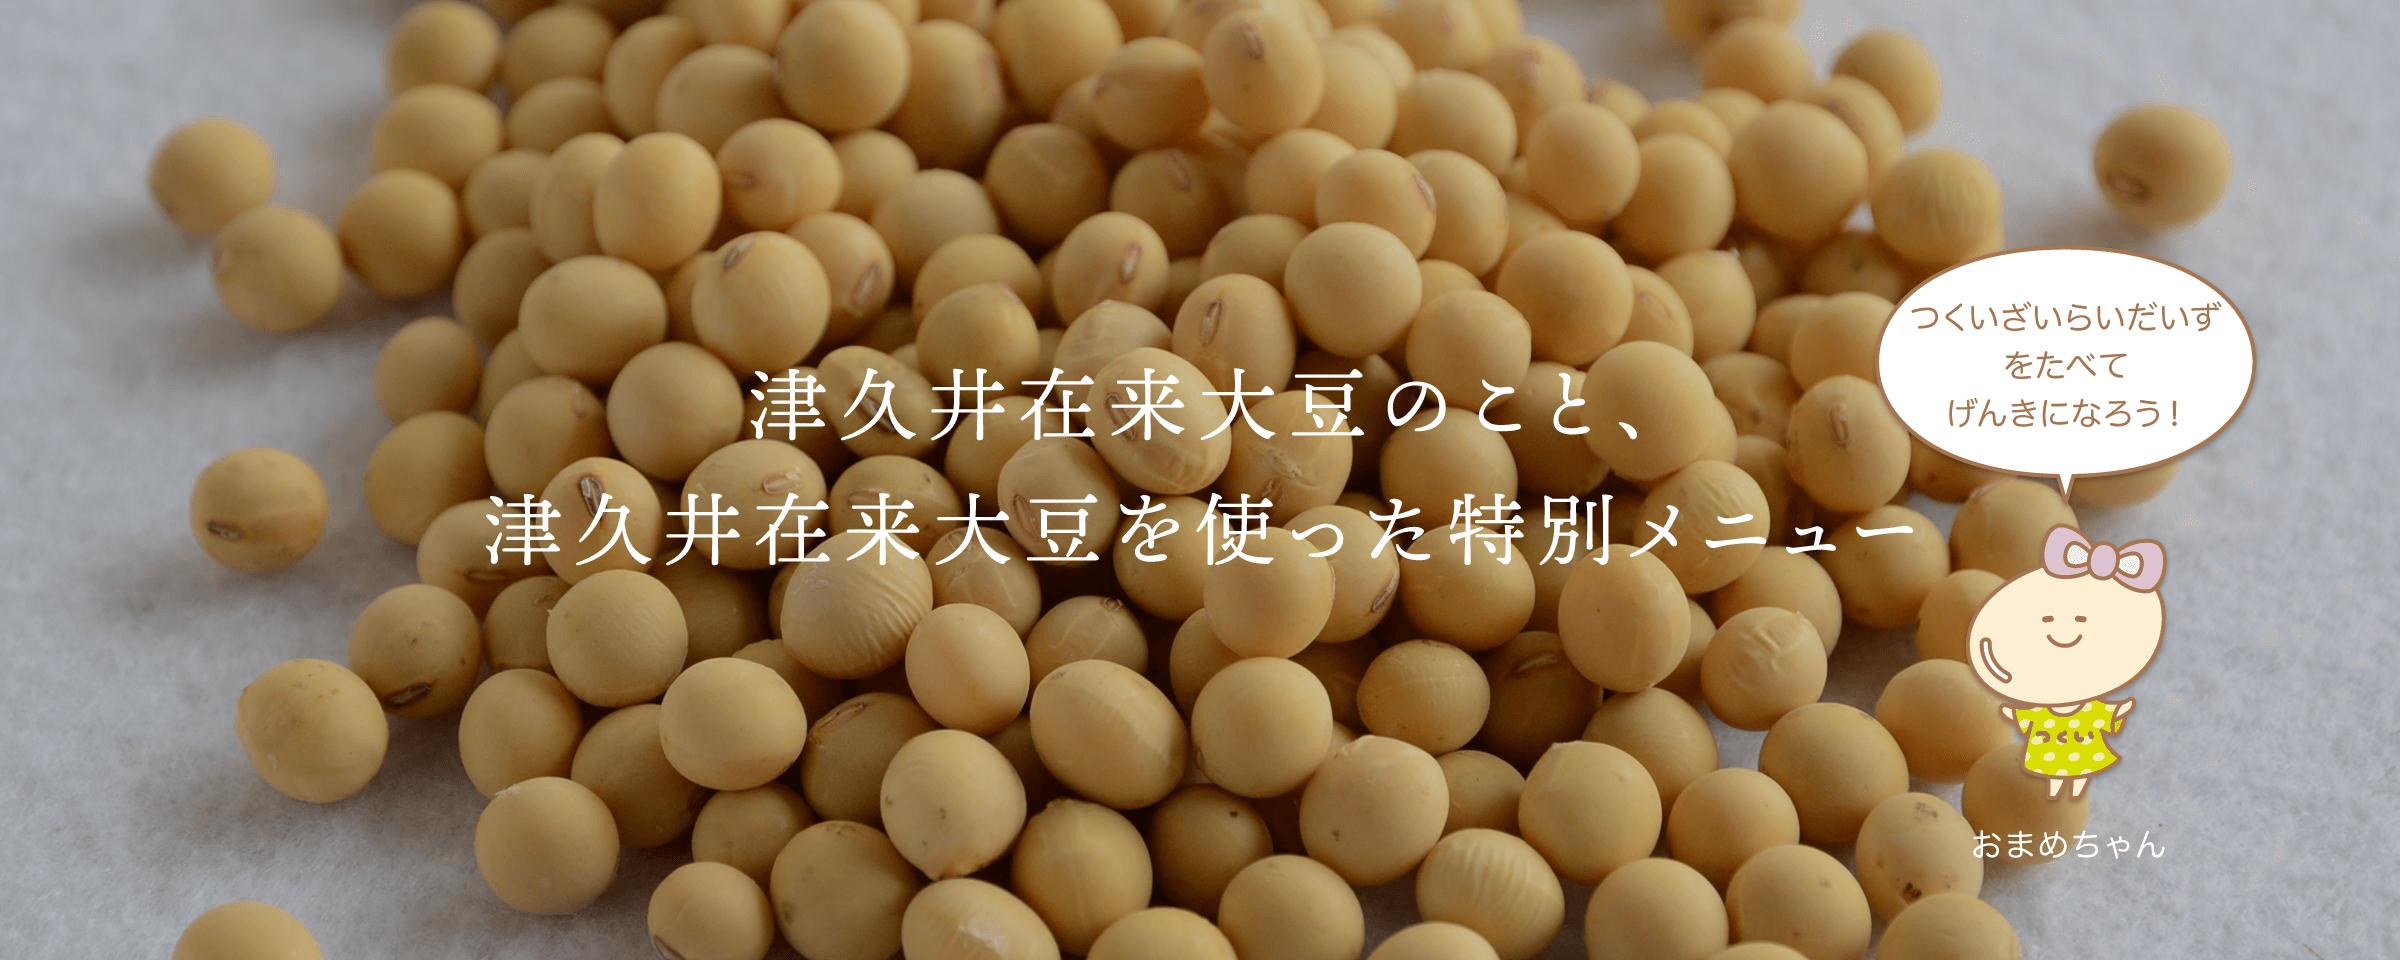 津久井在来大豆のこと、津久井大豆を使った特別メニュー